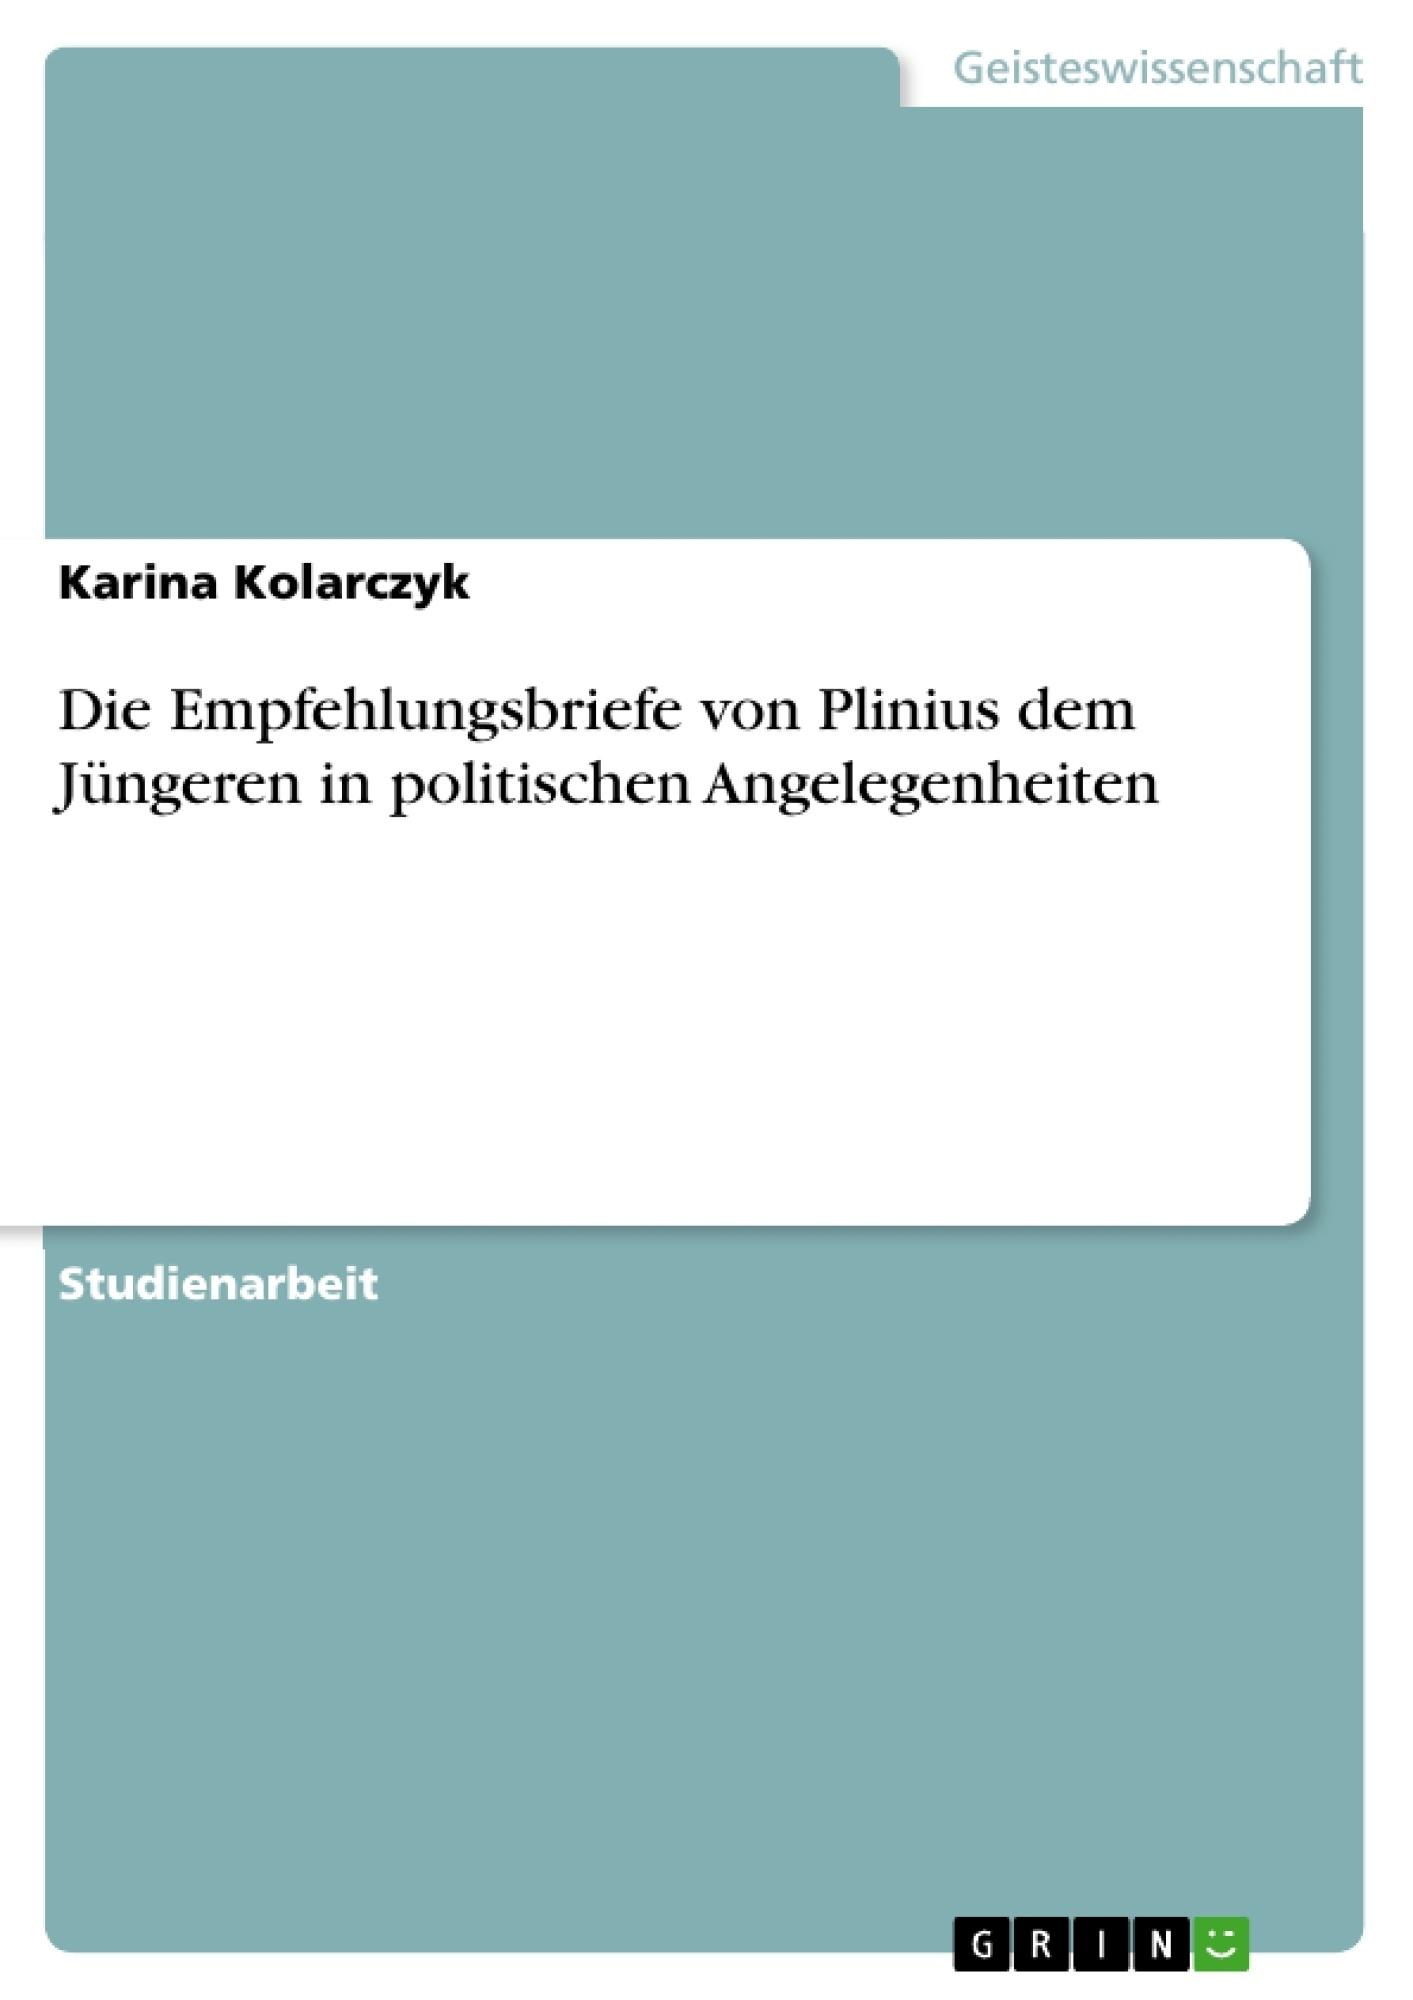 Die Empfehlungsbriefe von Plinius dem Jüngeren in politischen ...